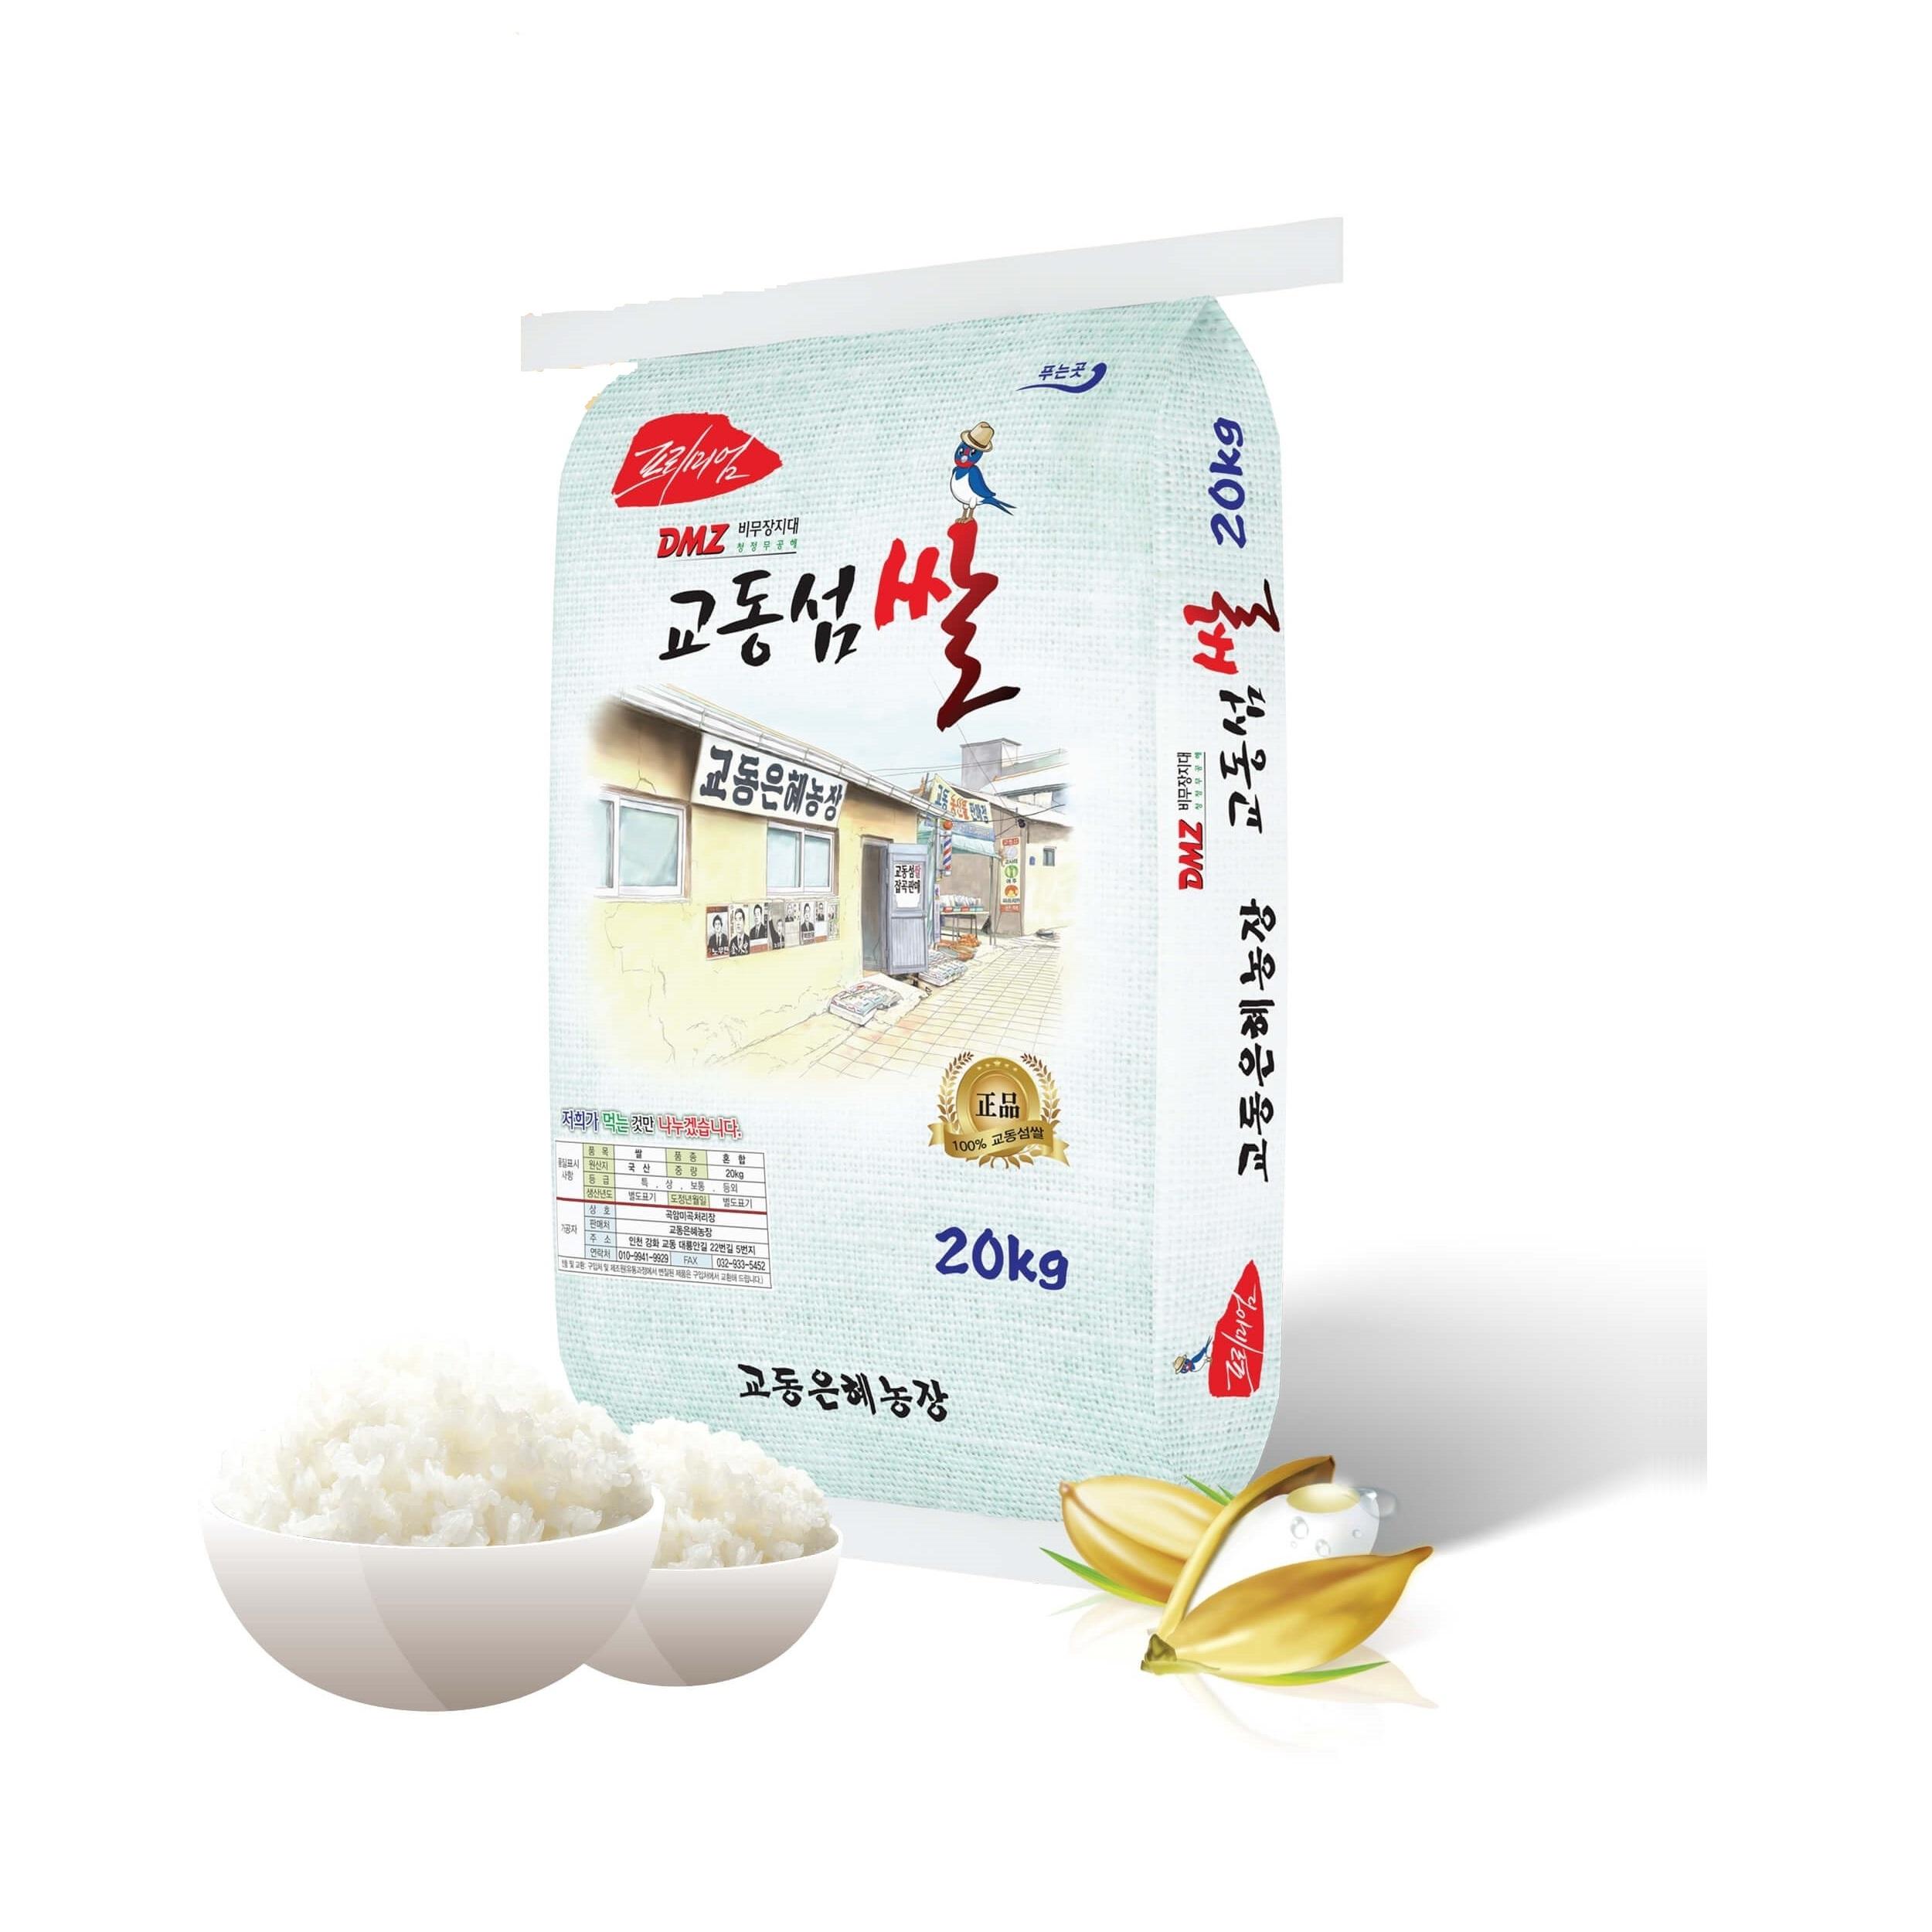 교동섬쌀강화쌀교동쌀